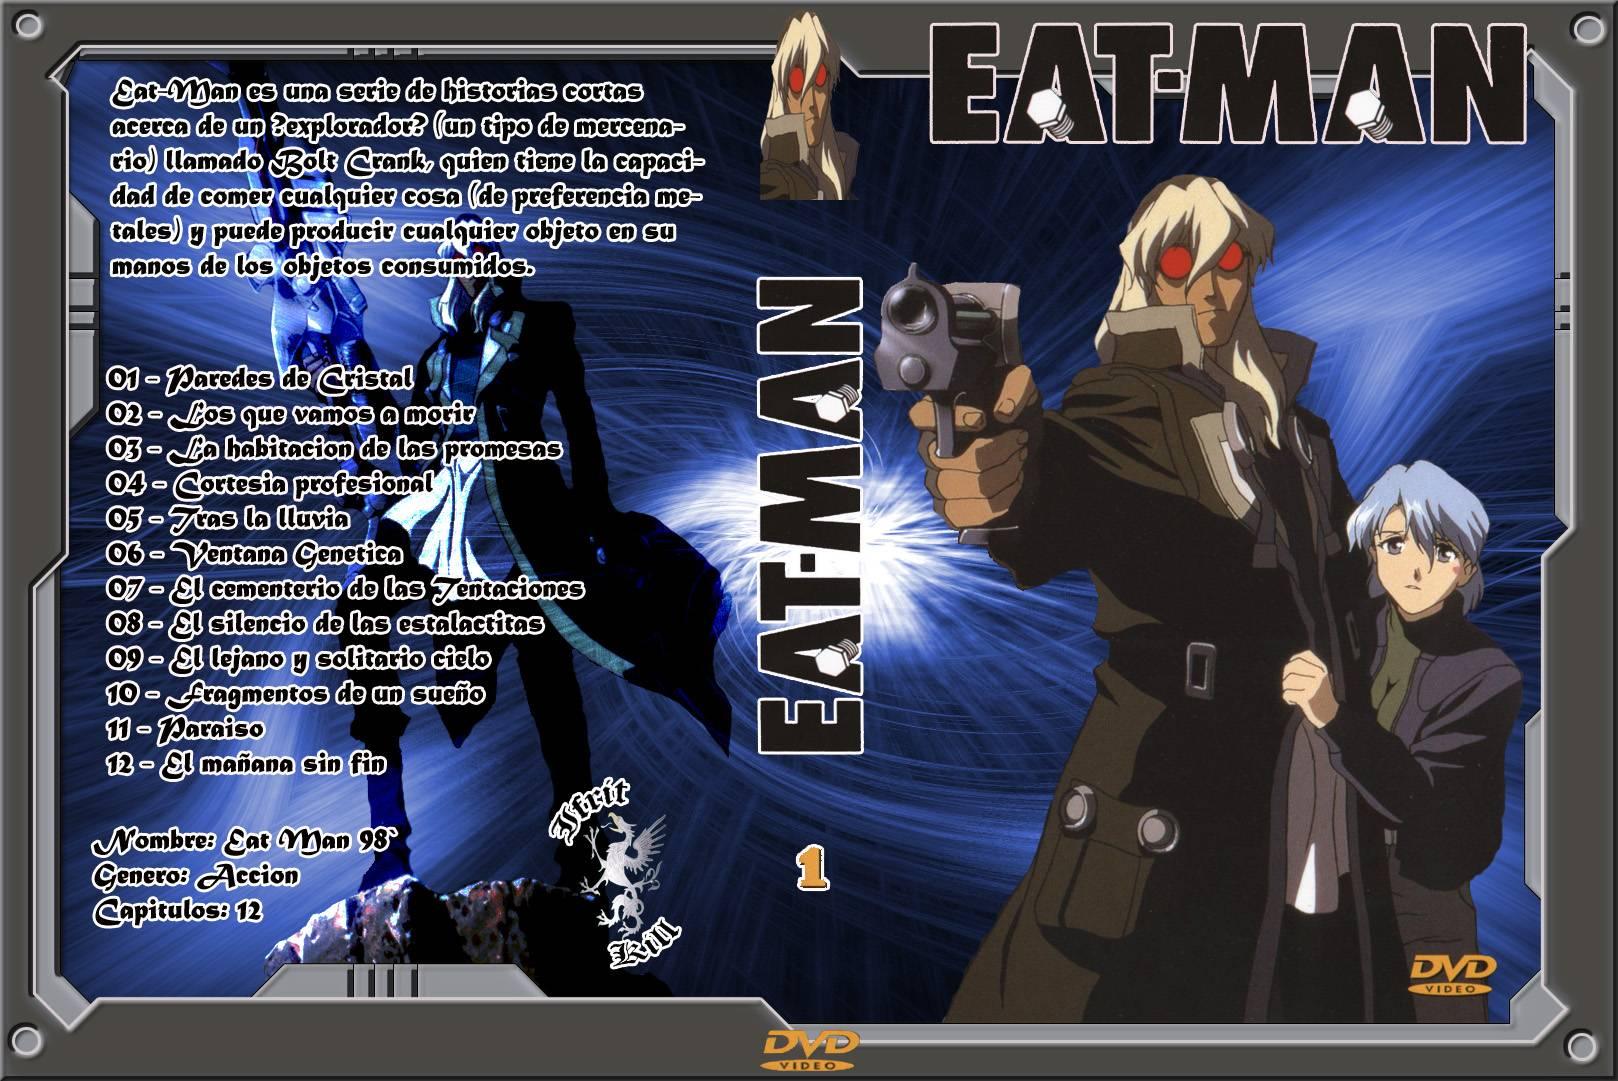 Pedido - Eat Man y Eat man 98 con subs Eat-man981